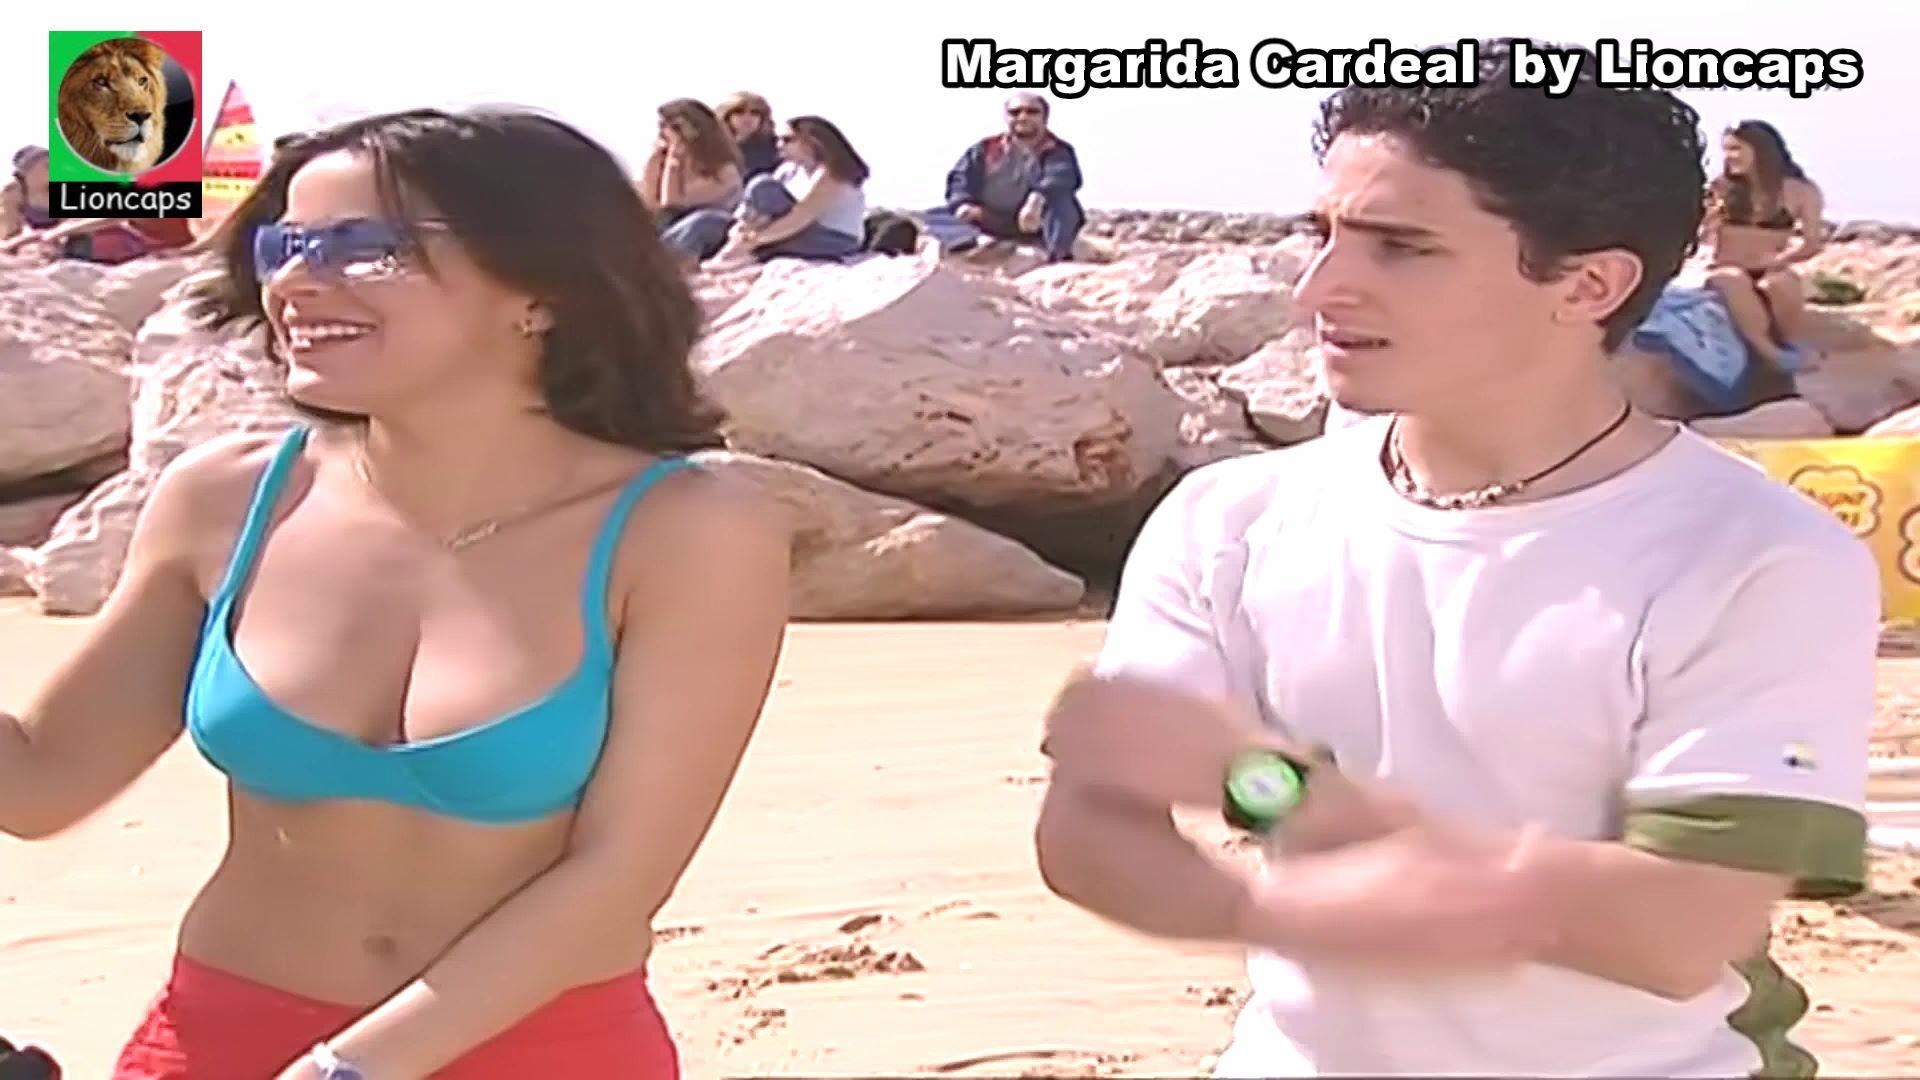 margarida_cardeal_vs200421-077 (9).JPG